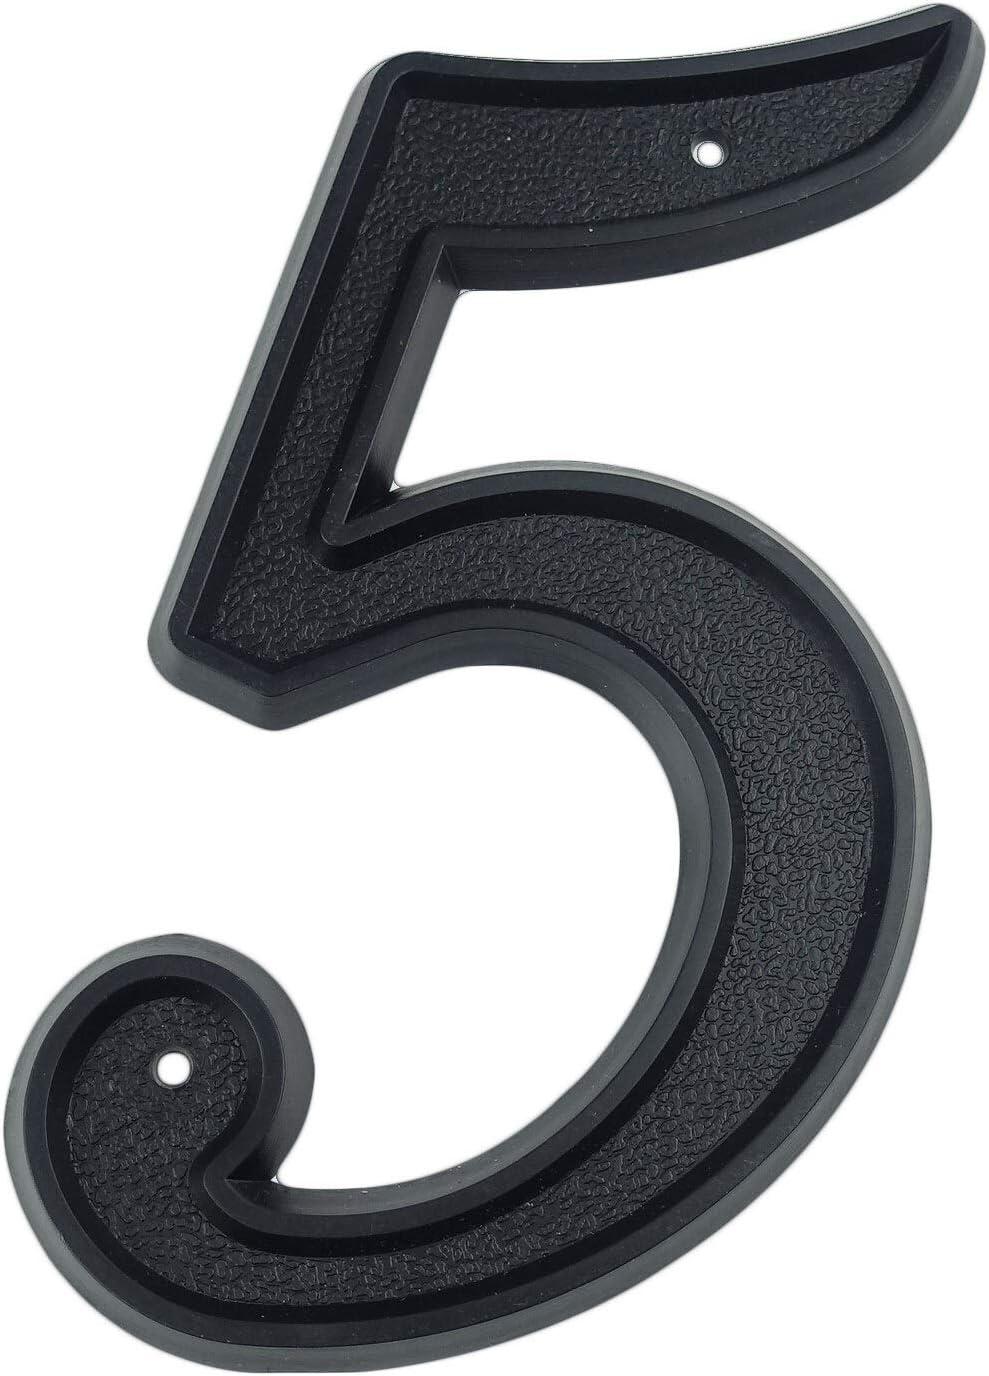 YMYGCC N/úmeros para Casas Los n/úmeros de direcci/ón Grande de n/úmero de inmueble Exterior 139 mm Altura de la Puerta N/úmero de pl/ástico ABS Negro for la Casa de 5-1//2 Pulgadas.# 0-9 896 Color : 8